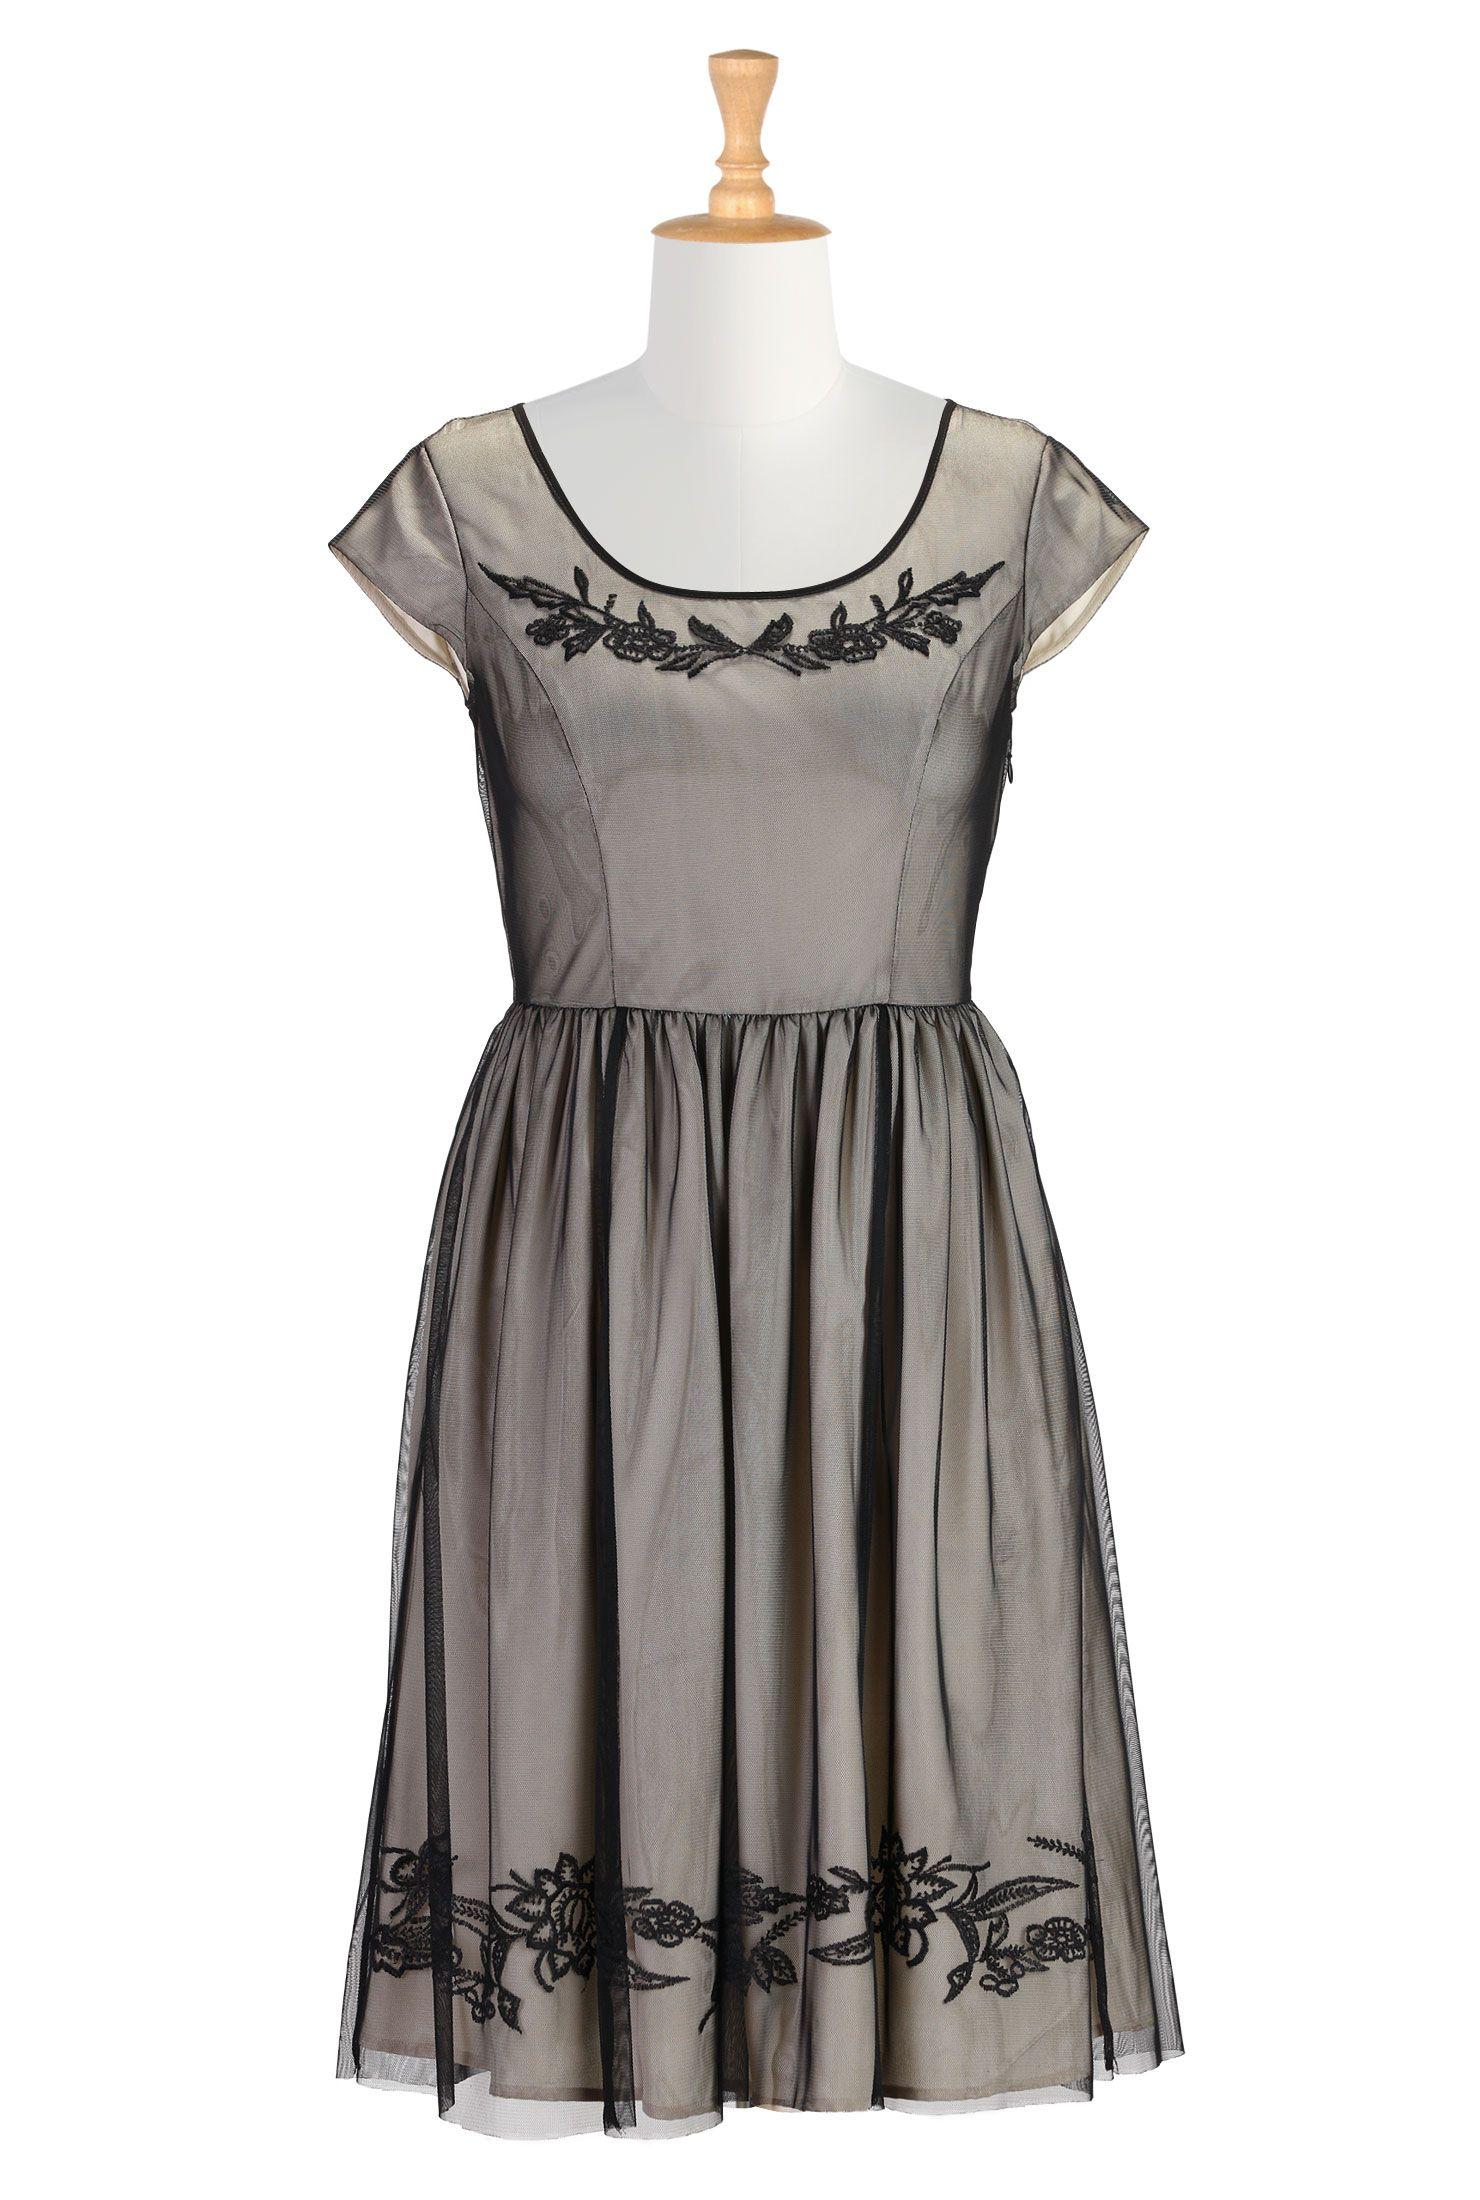 697cf86a33c8 Floral Embroidery Tulle Dresses, Cute Plus Size Clothes Shop Women's  Designer Dresses, Silk Dresses, Black Dresses, Women's Special Occasion  Dresses ...